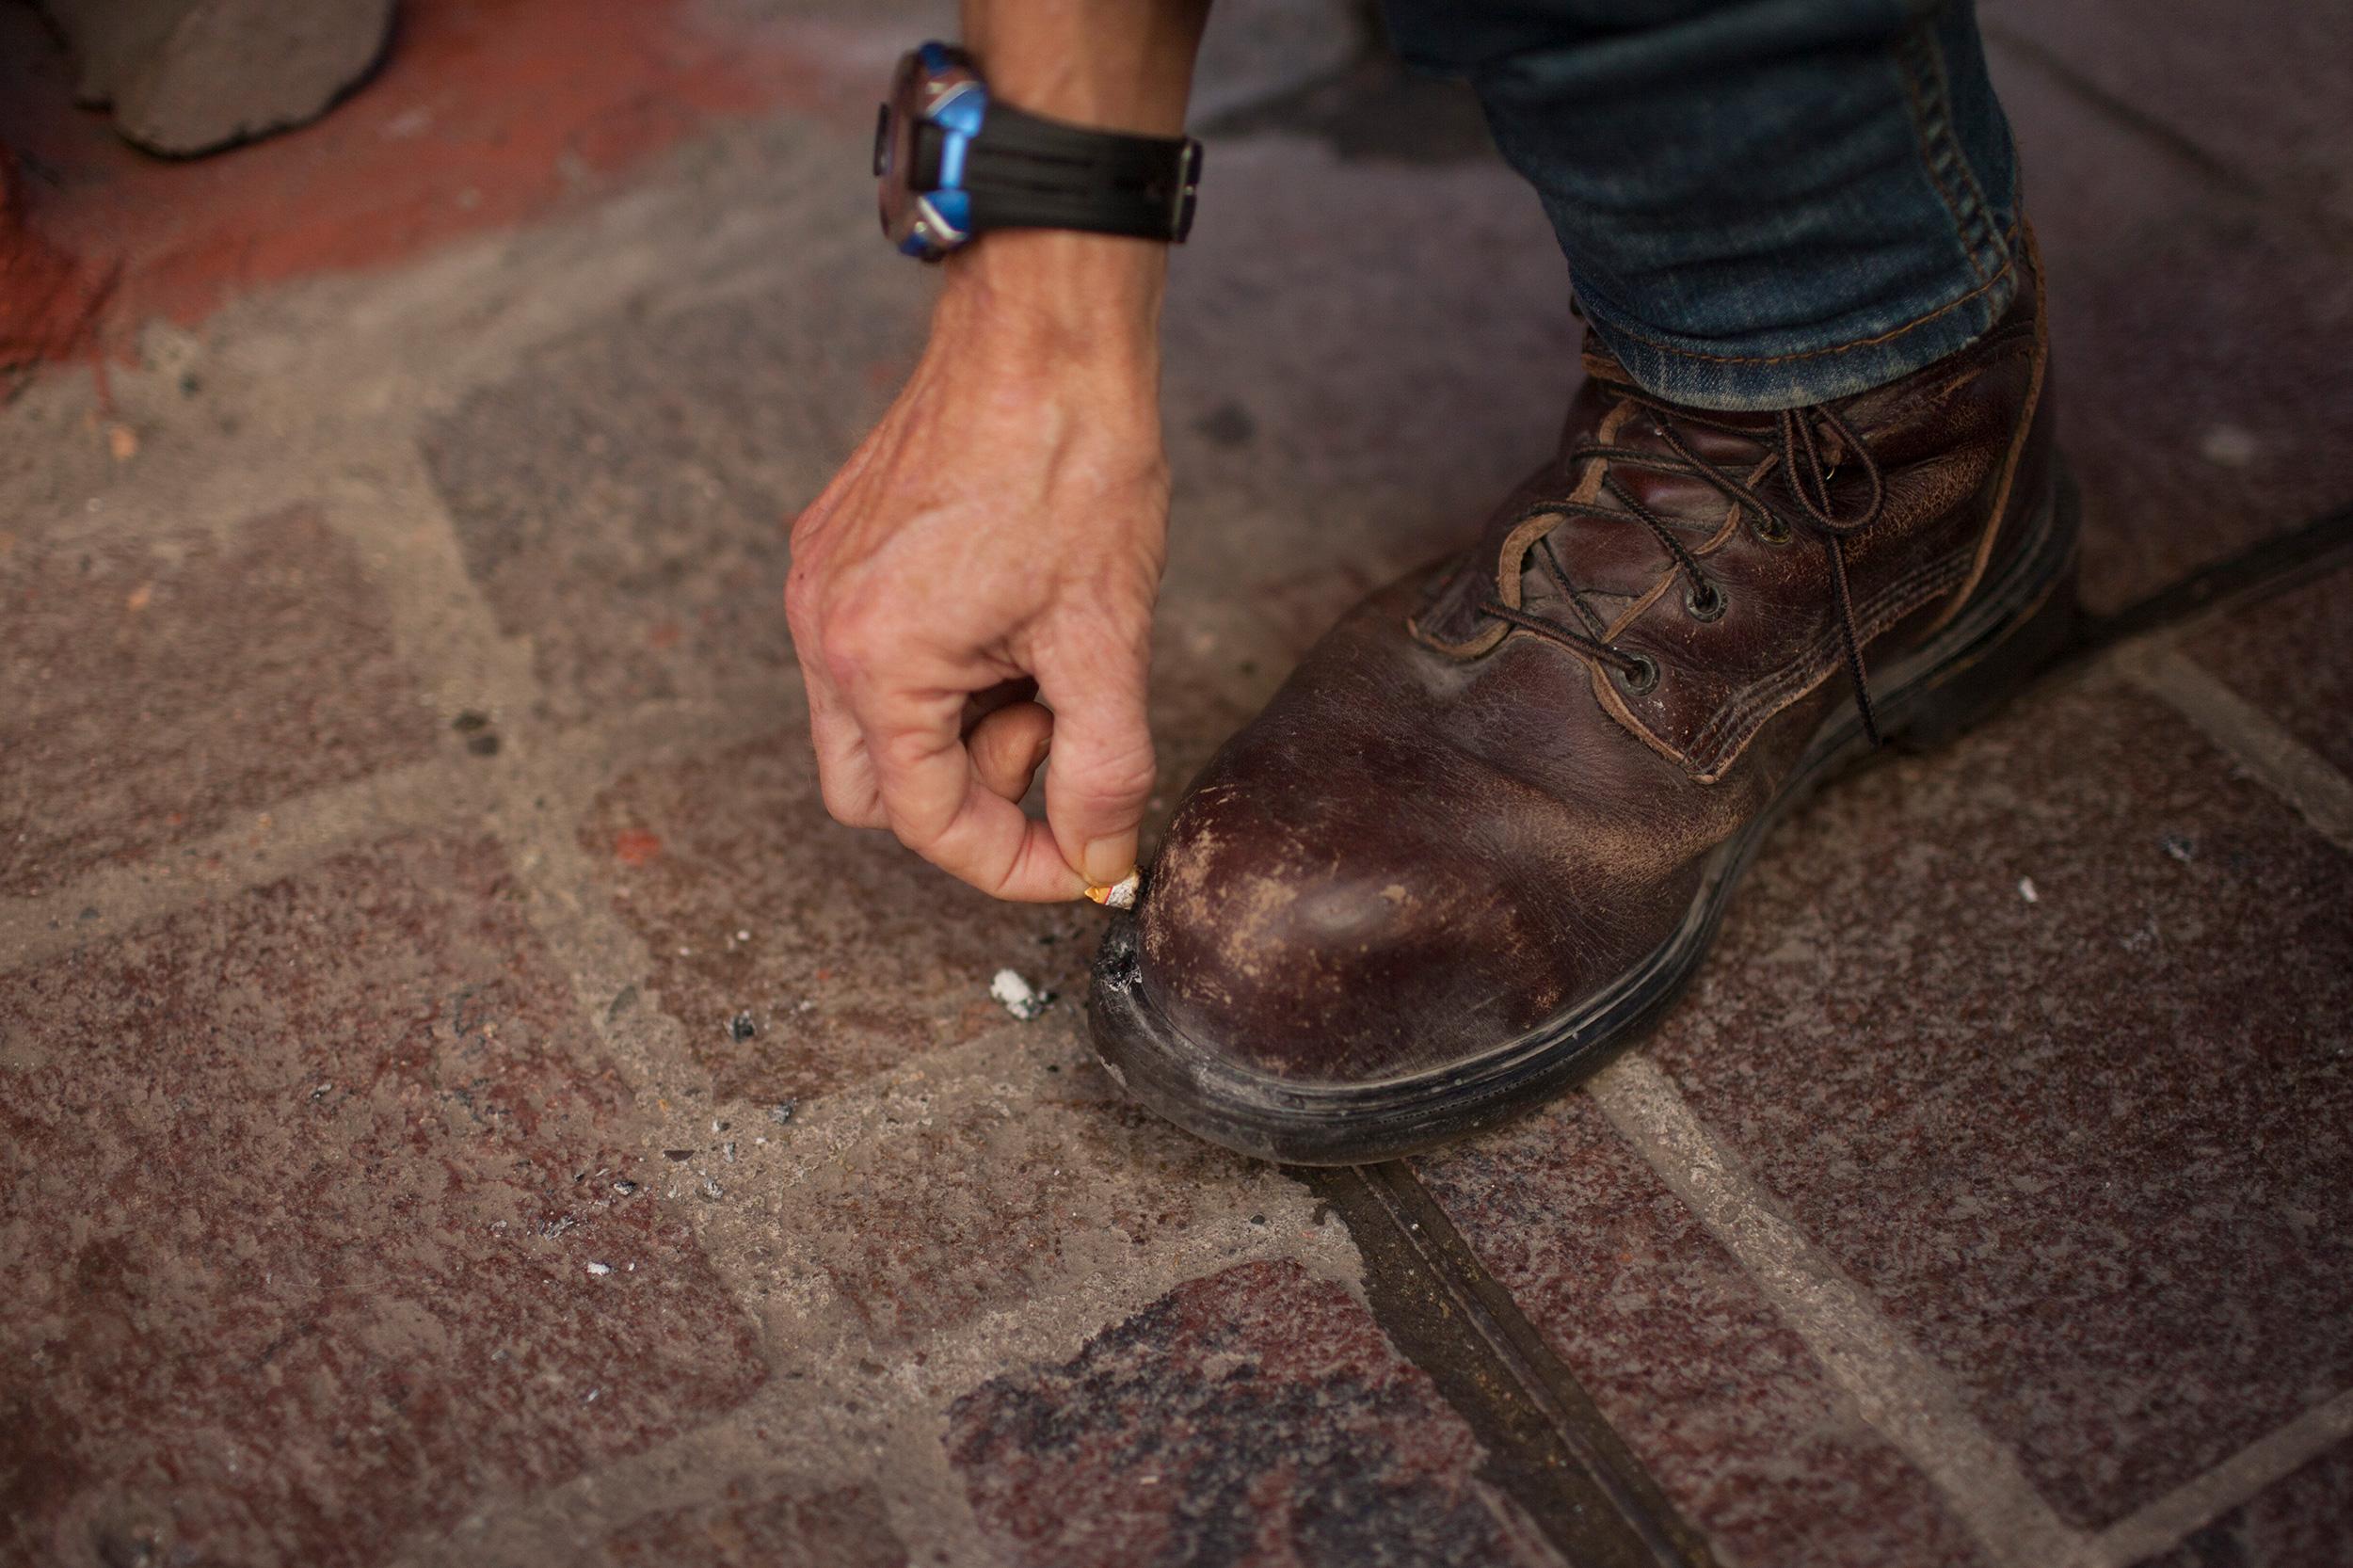 X apaga un cigarrillo en su bota. Foto: Alejandro Saldívar